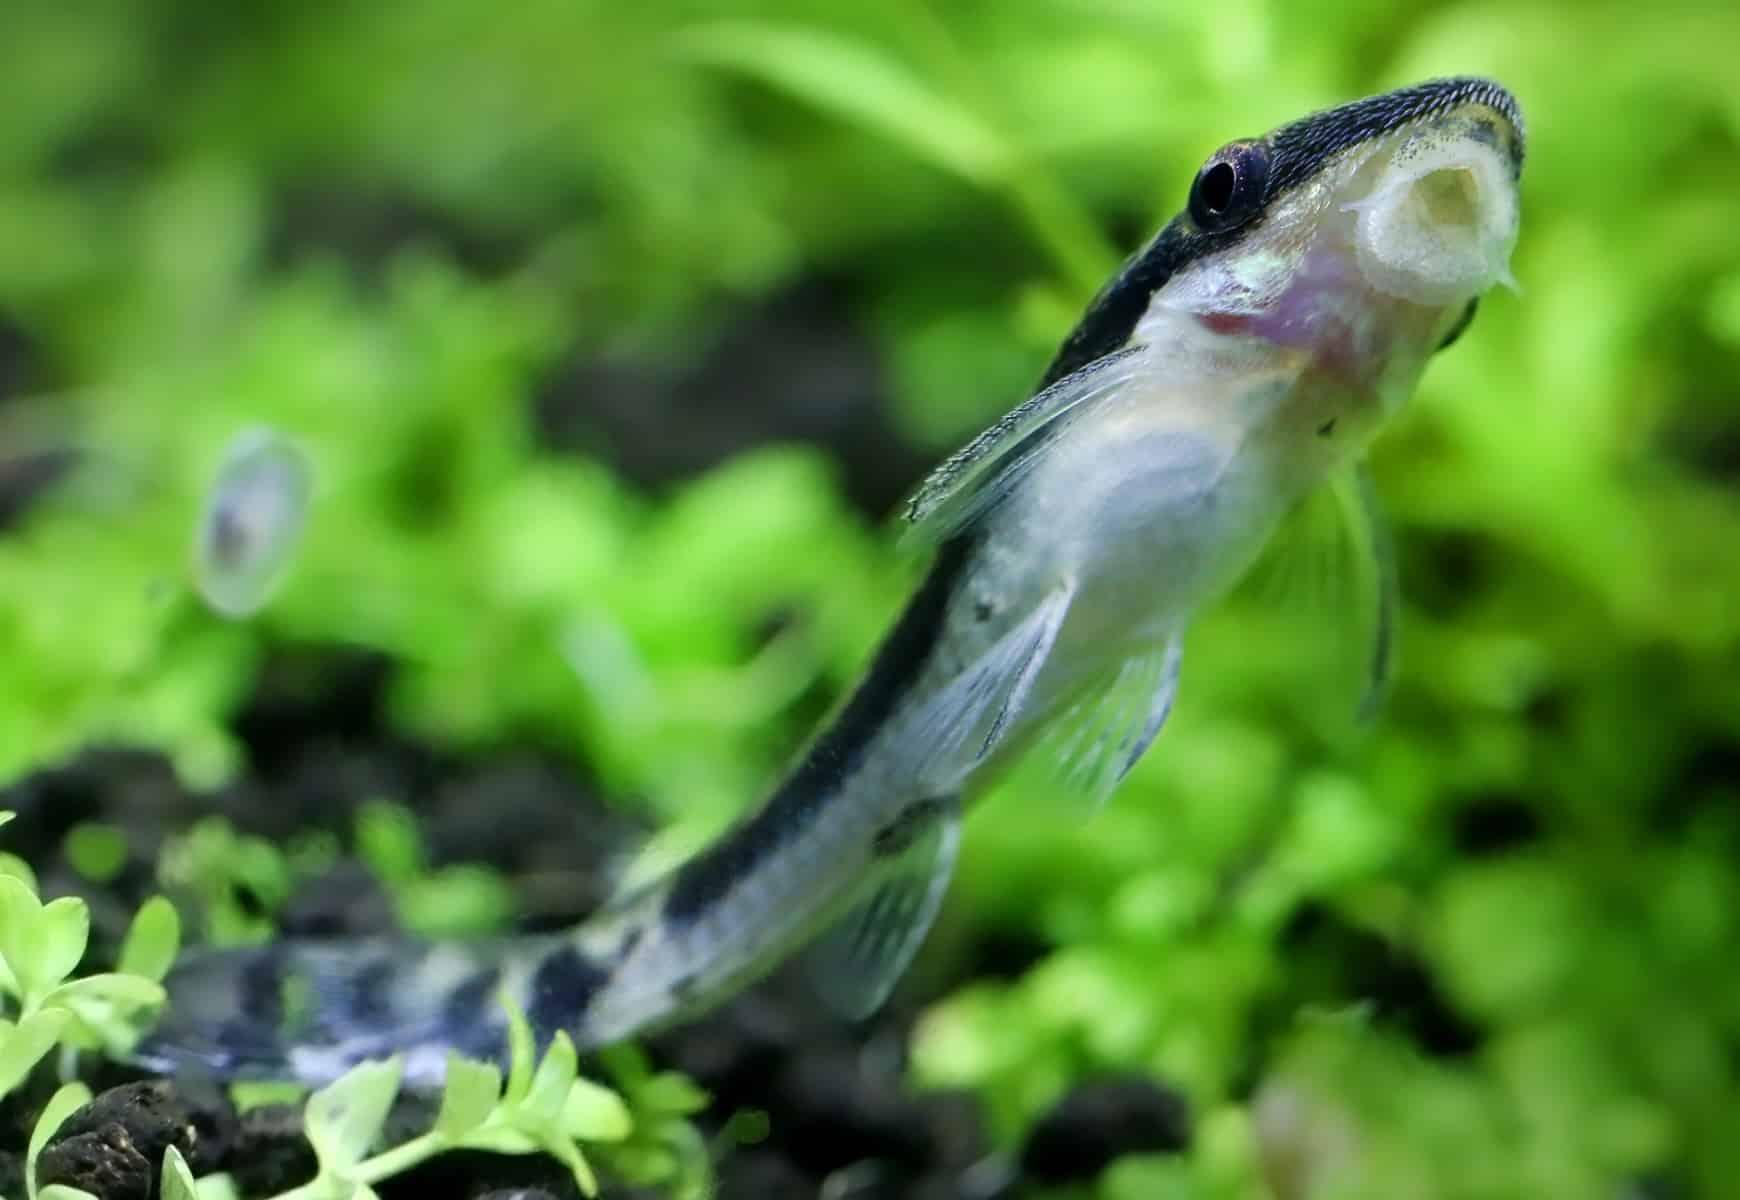 Otocinclus Catfish